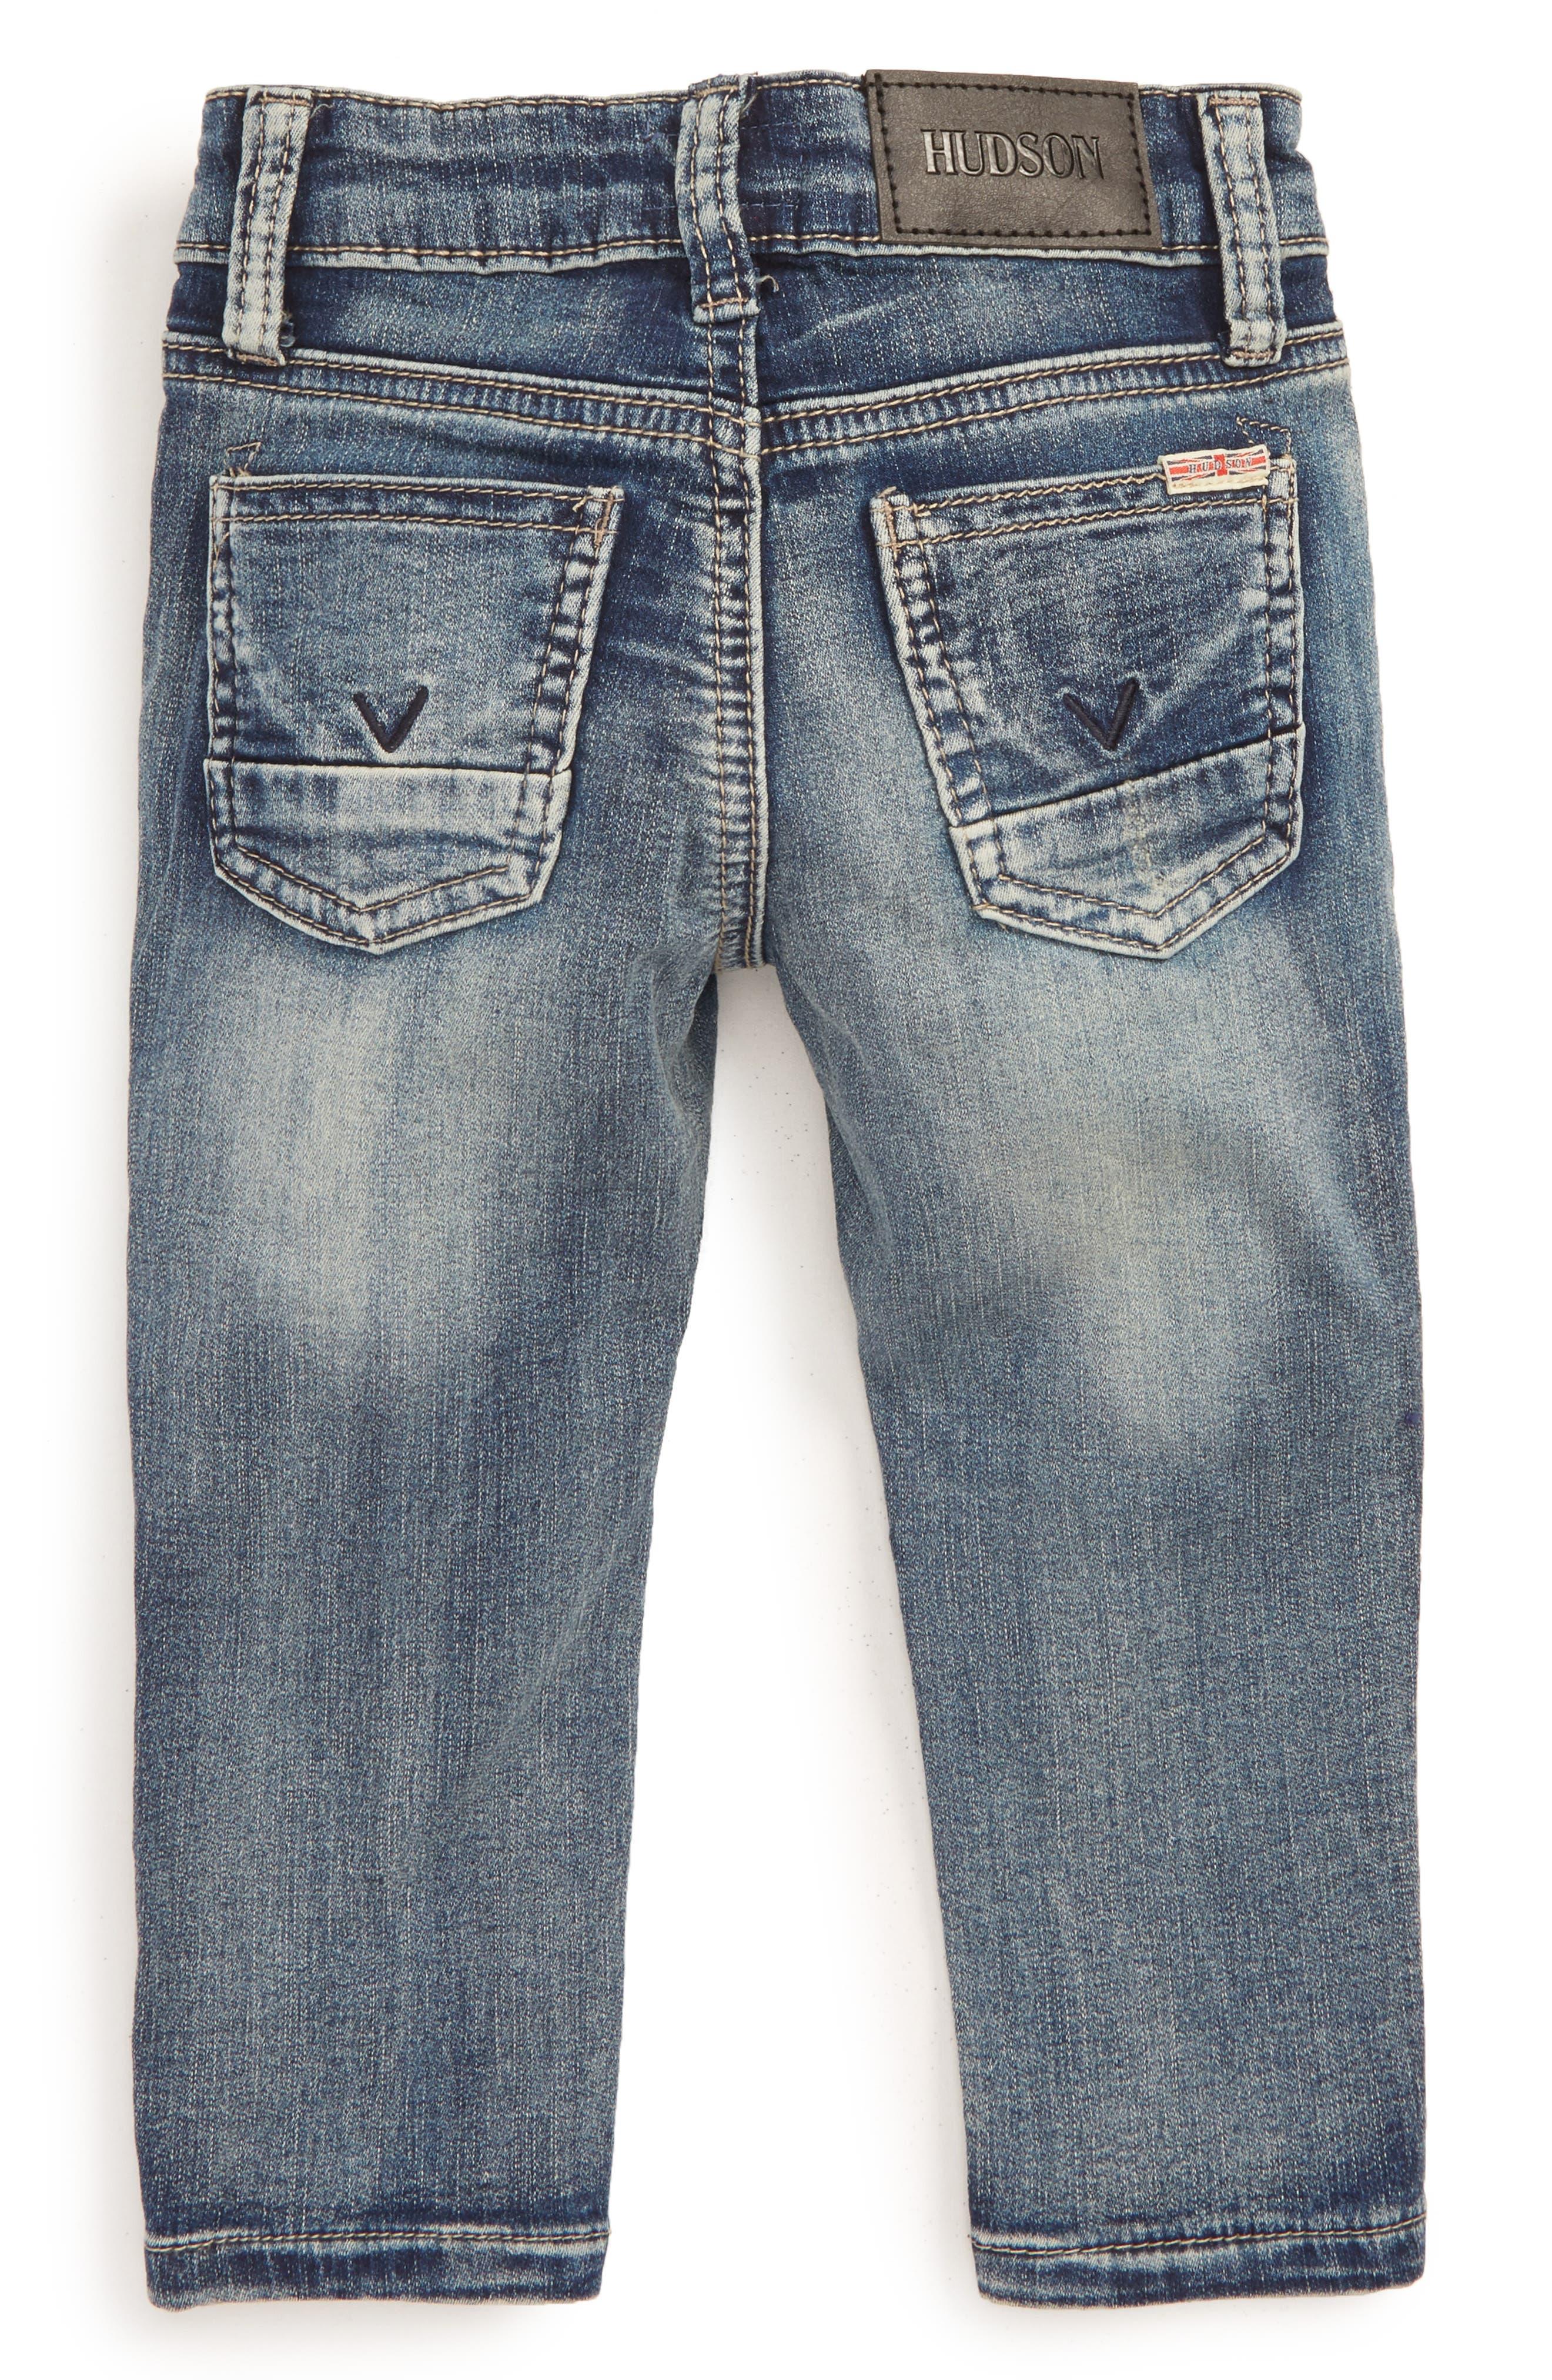 Jagger Slim Straight Leg Jeans,                             Alternate thumbnail 2, color,                             401